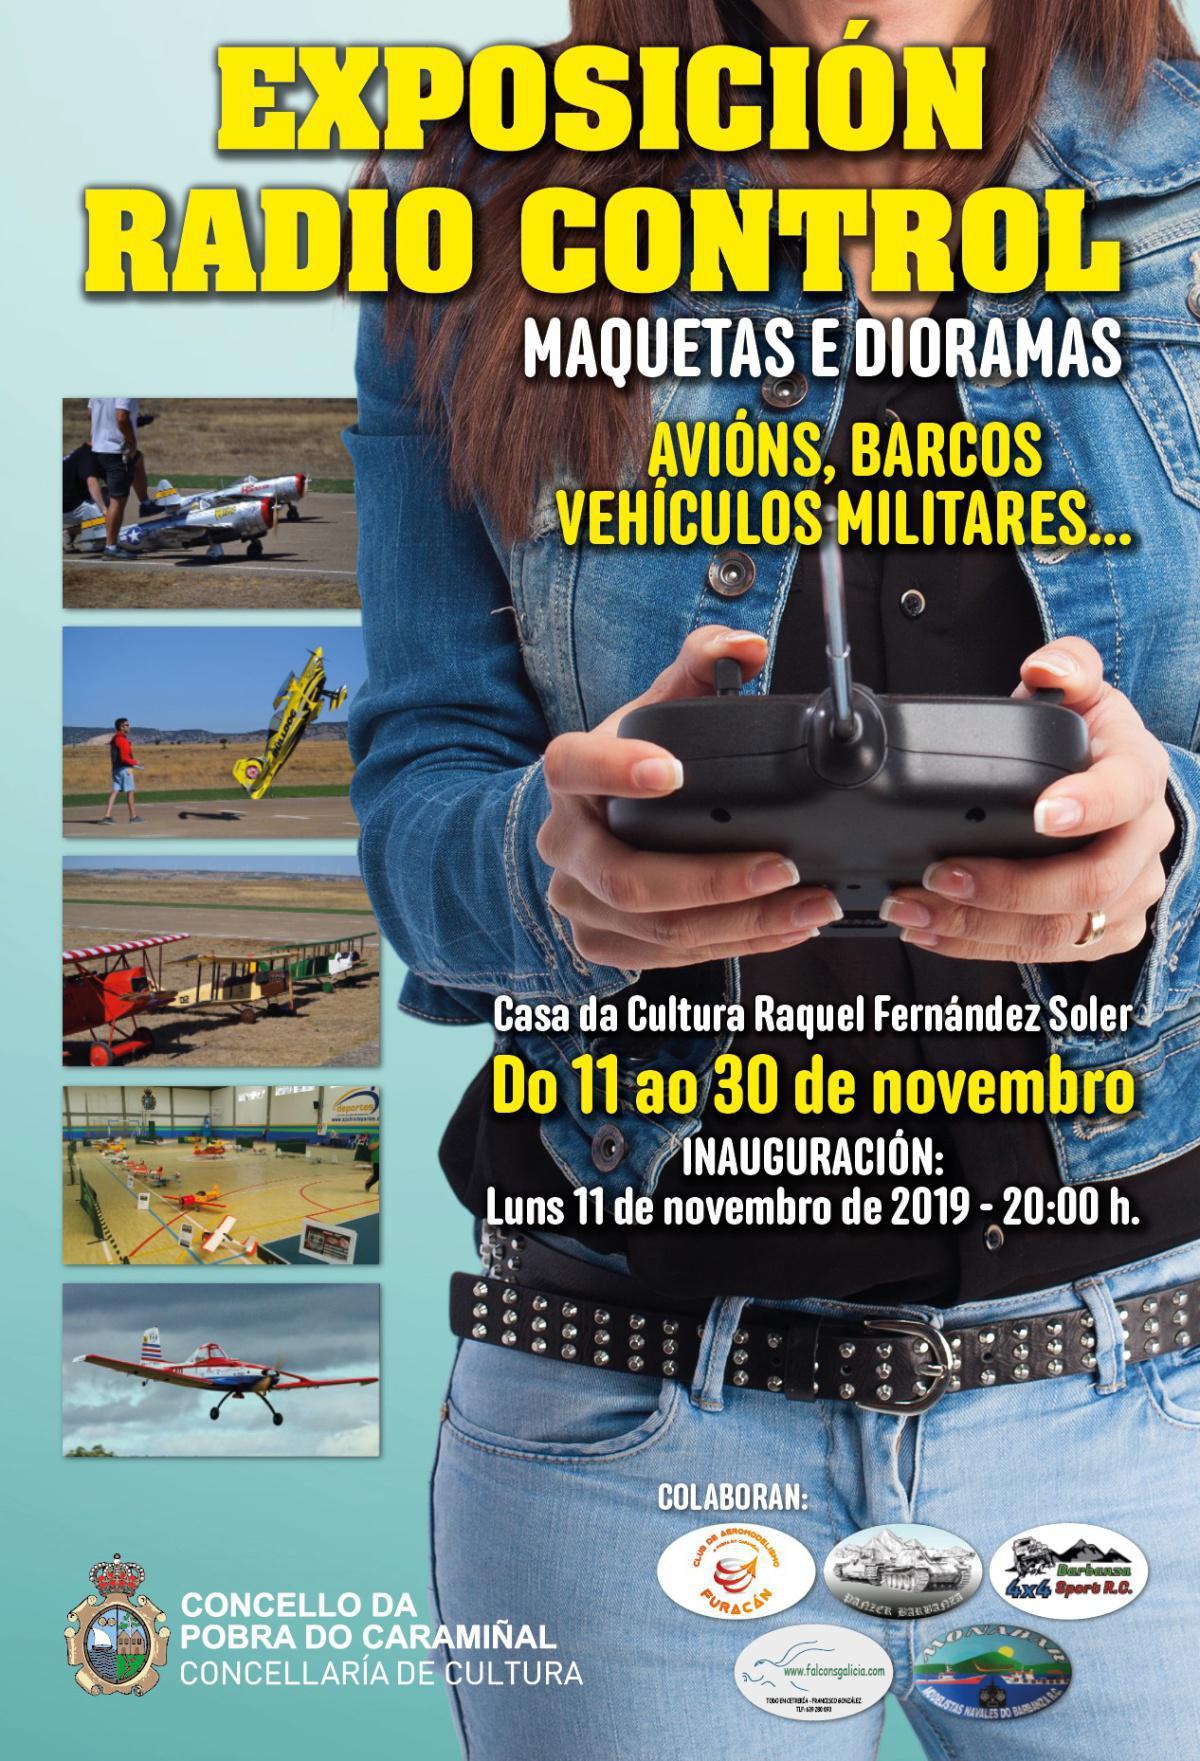 Exposición do Club de Aeromodelismo Furacán